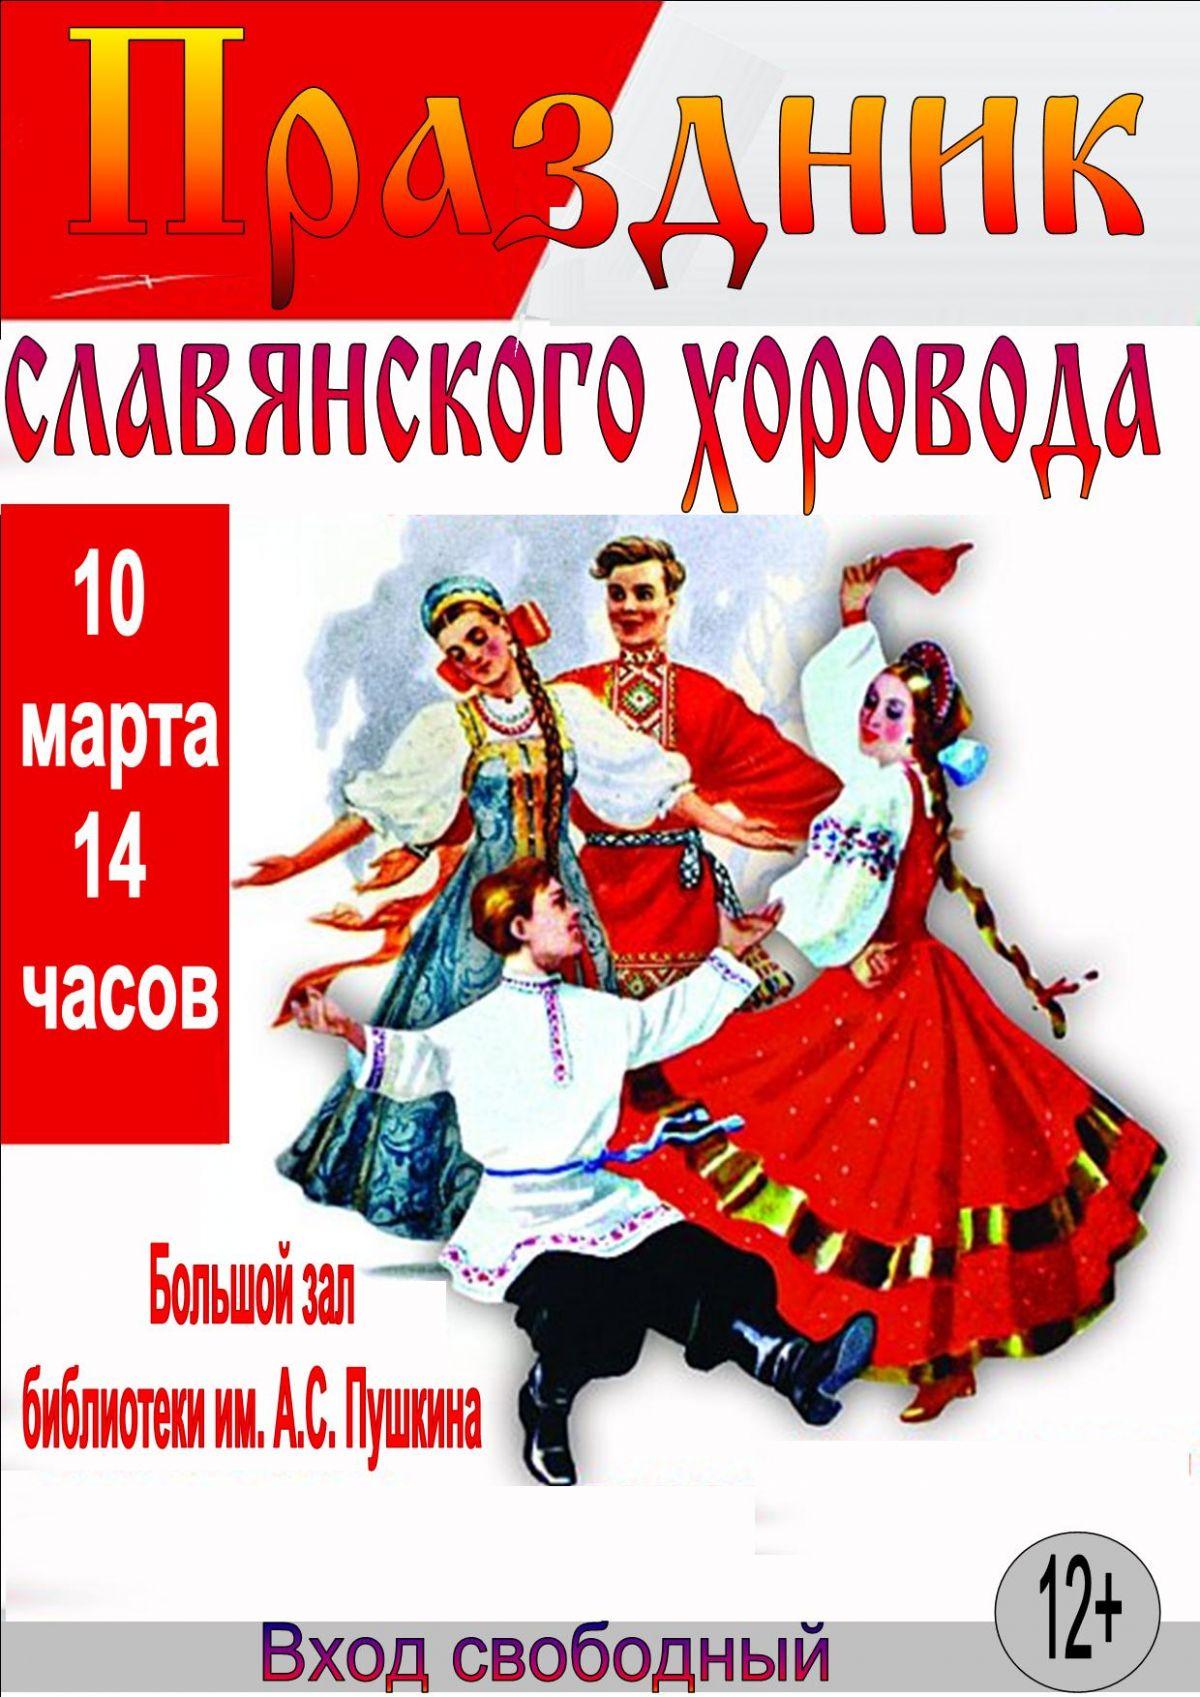 Праздник Славянского хоровода